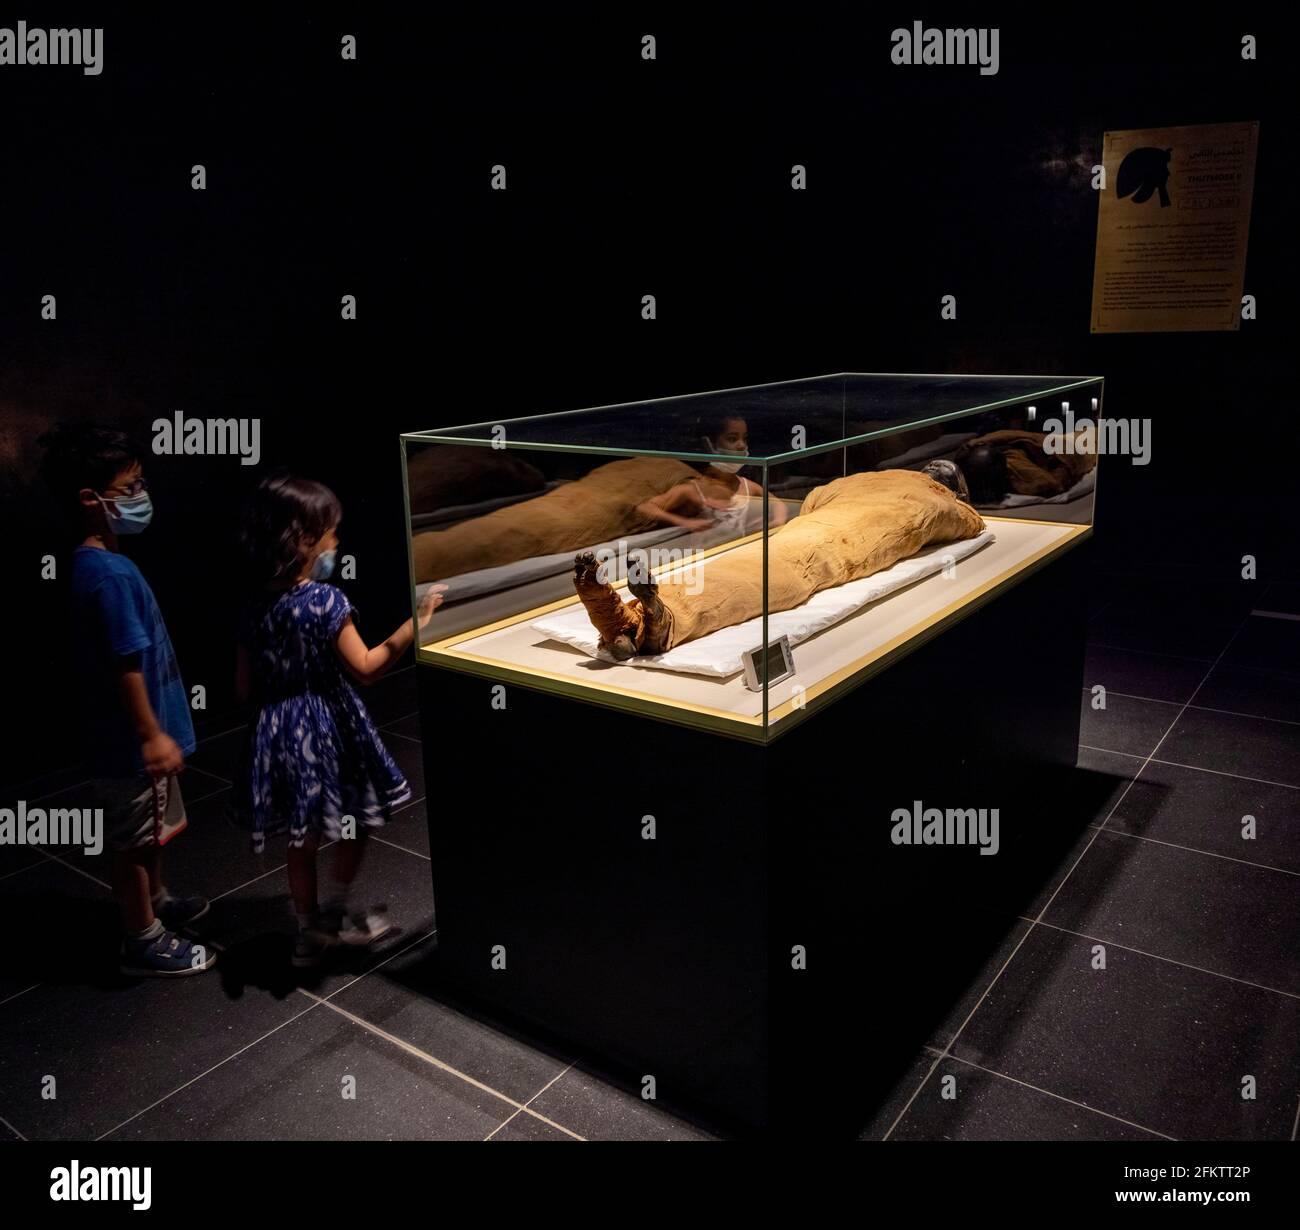 Enfants regardant la momie du roi Thutmose II (mort 1479 BCE), Musée national de la civilisation égyptienne Banque D'Images